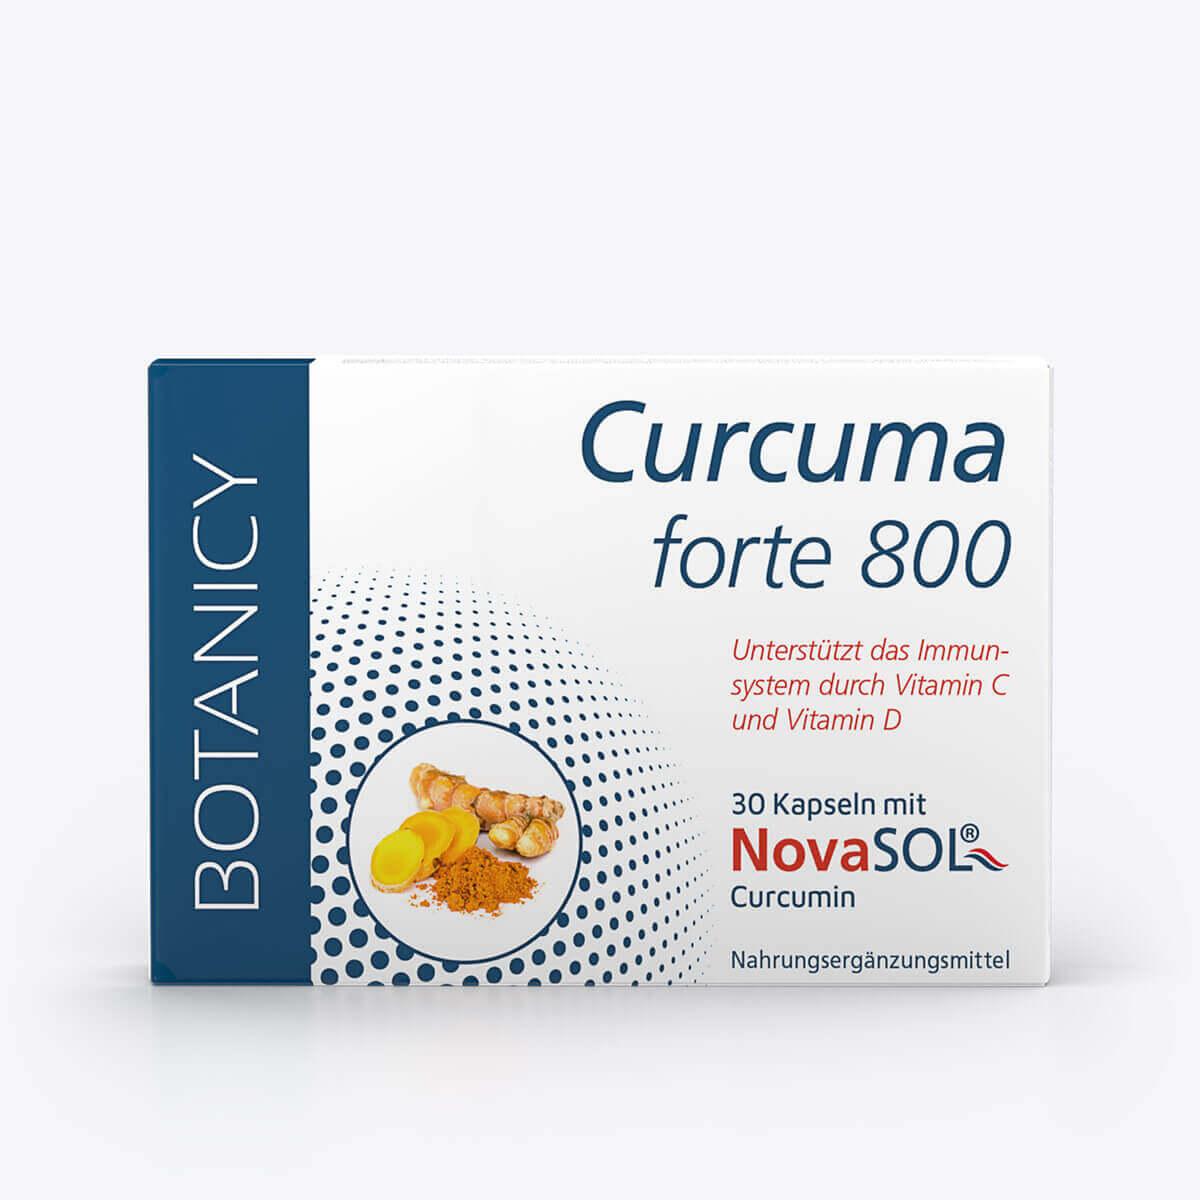 CURCUMA forte 800 mit NovaSol Curcumin